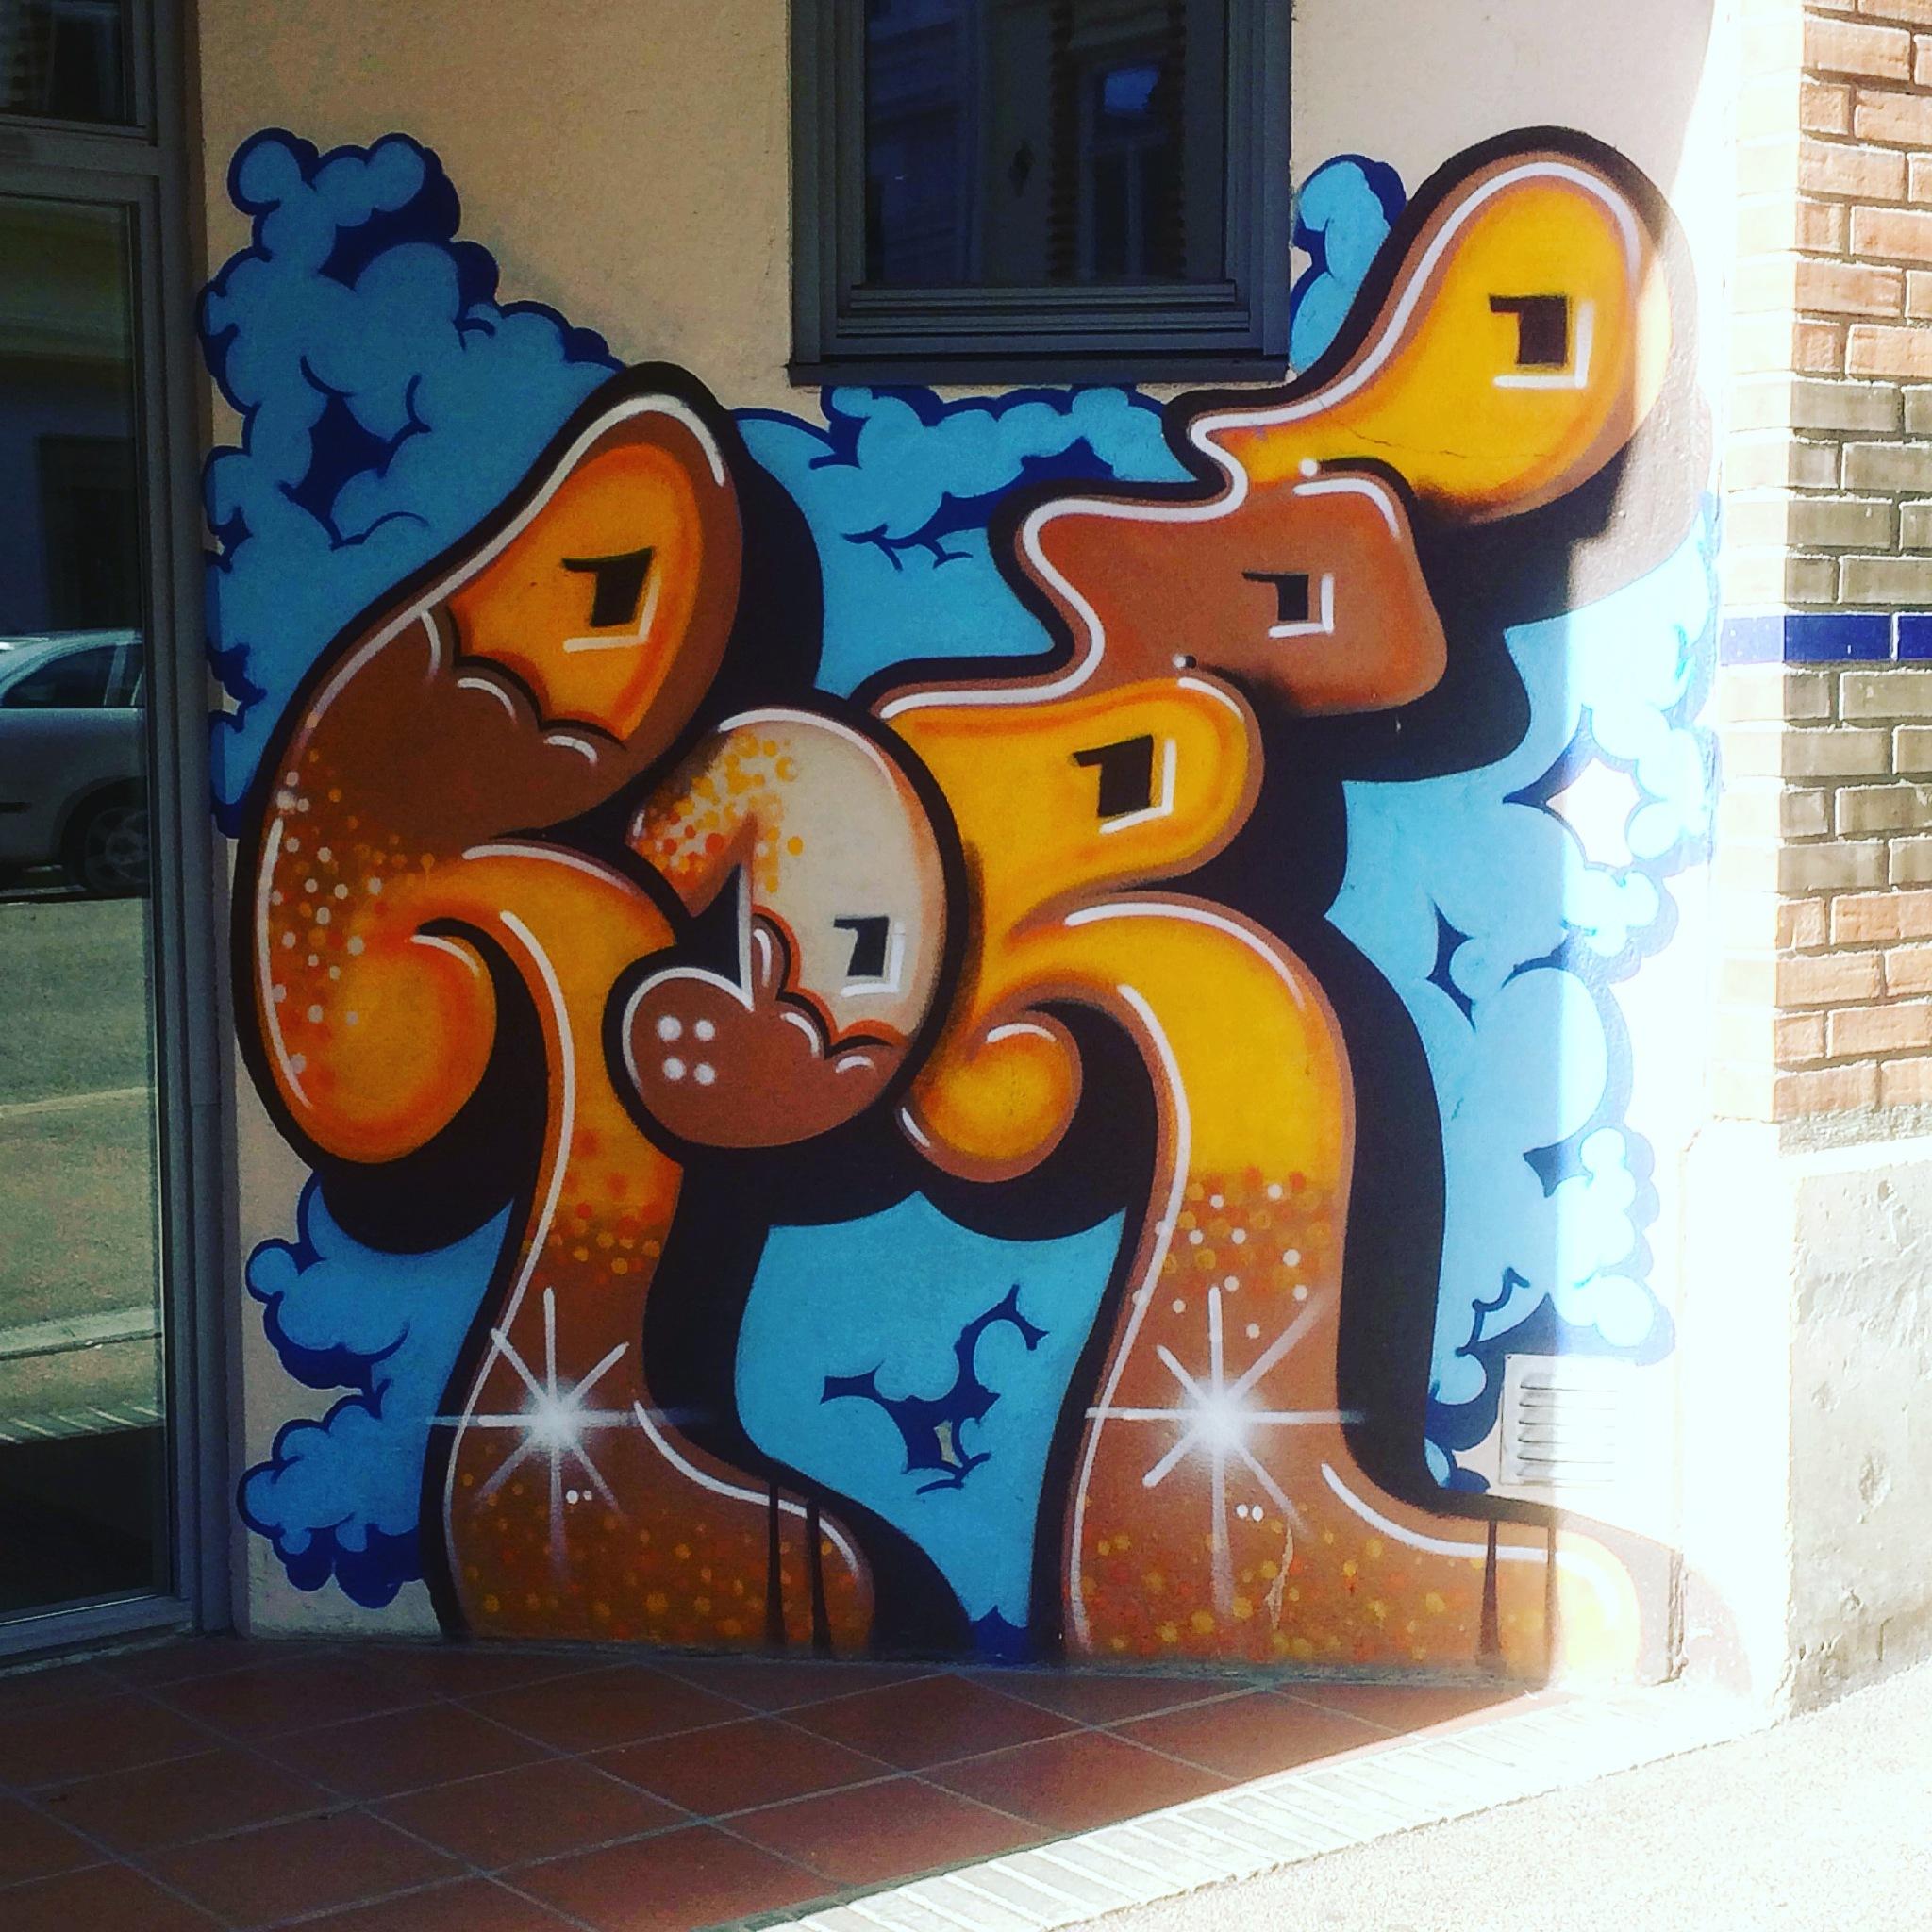 streetart - oslo by christinanature